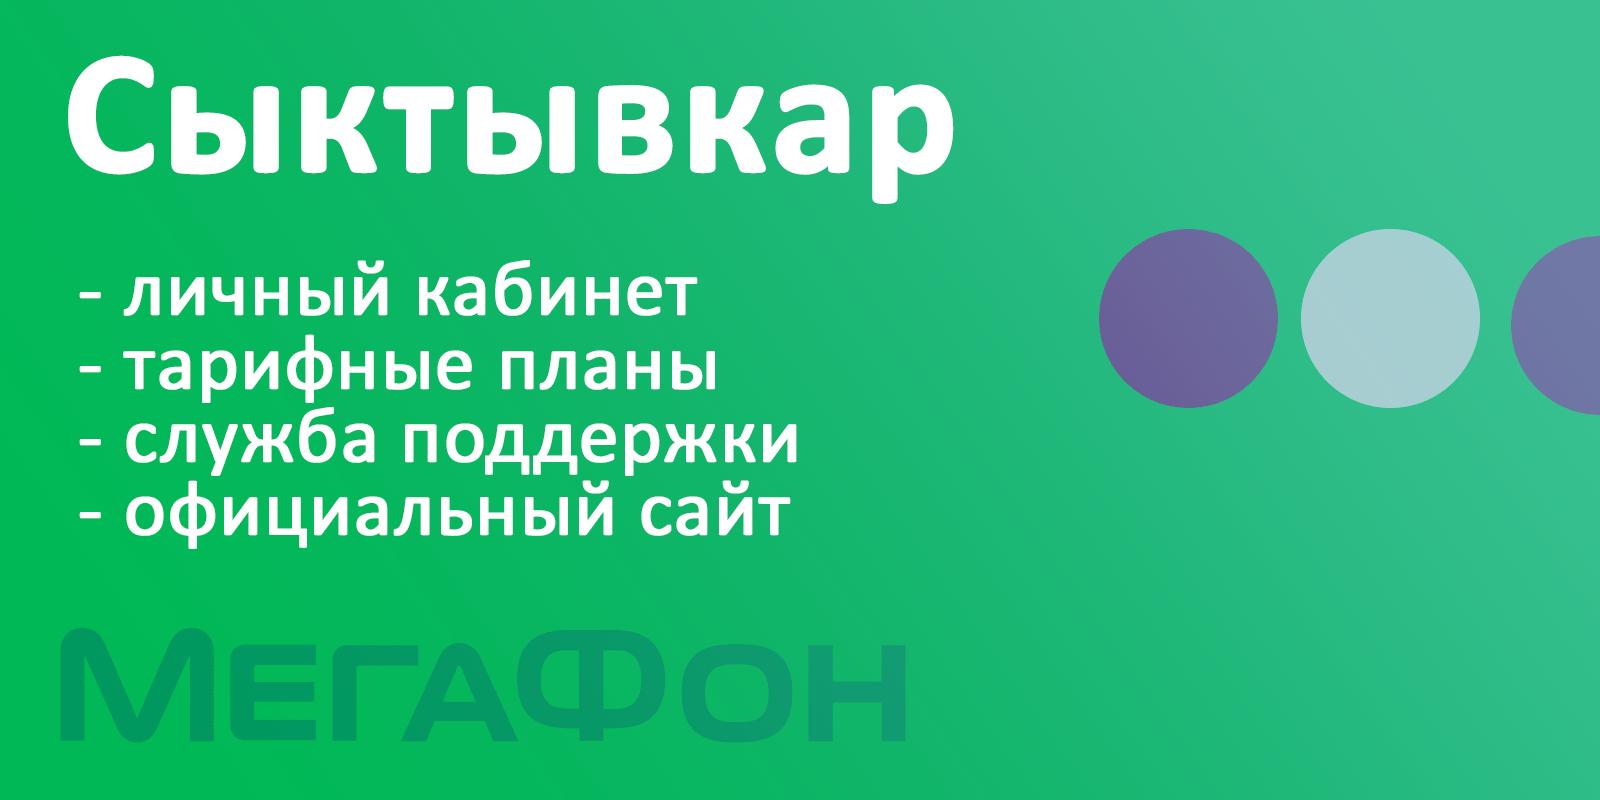 Мегафон Сыктывкар - тарифы, официальный сайт, каталог товаров